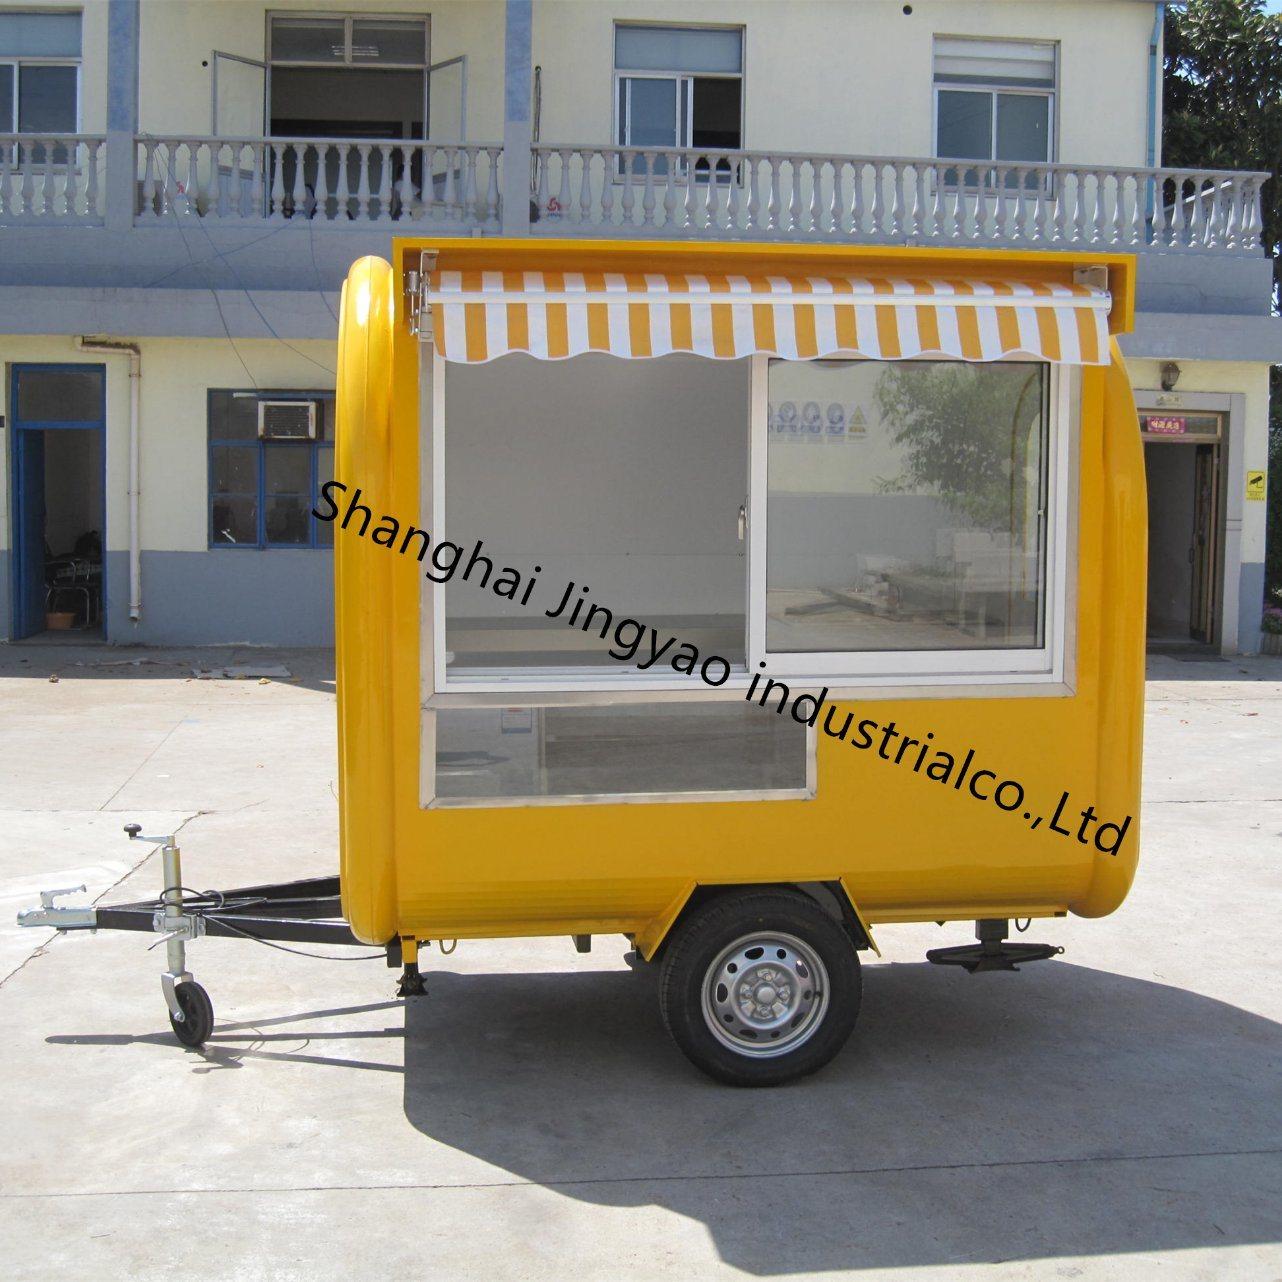 76e6c450ea Australia Standard Churros Fast China Food Trailer